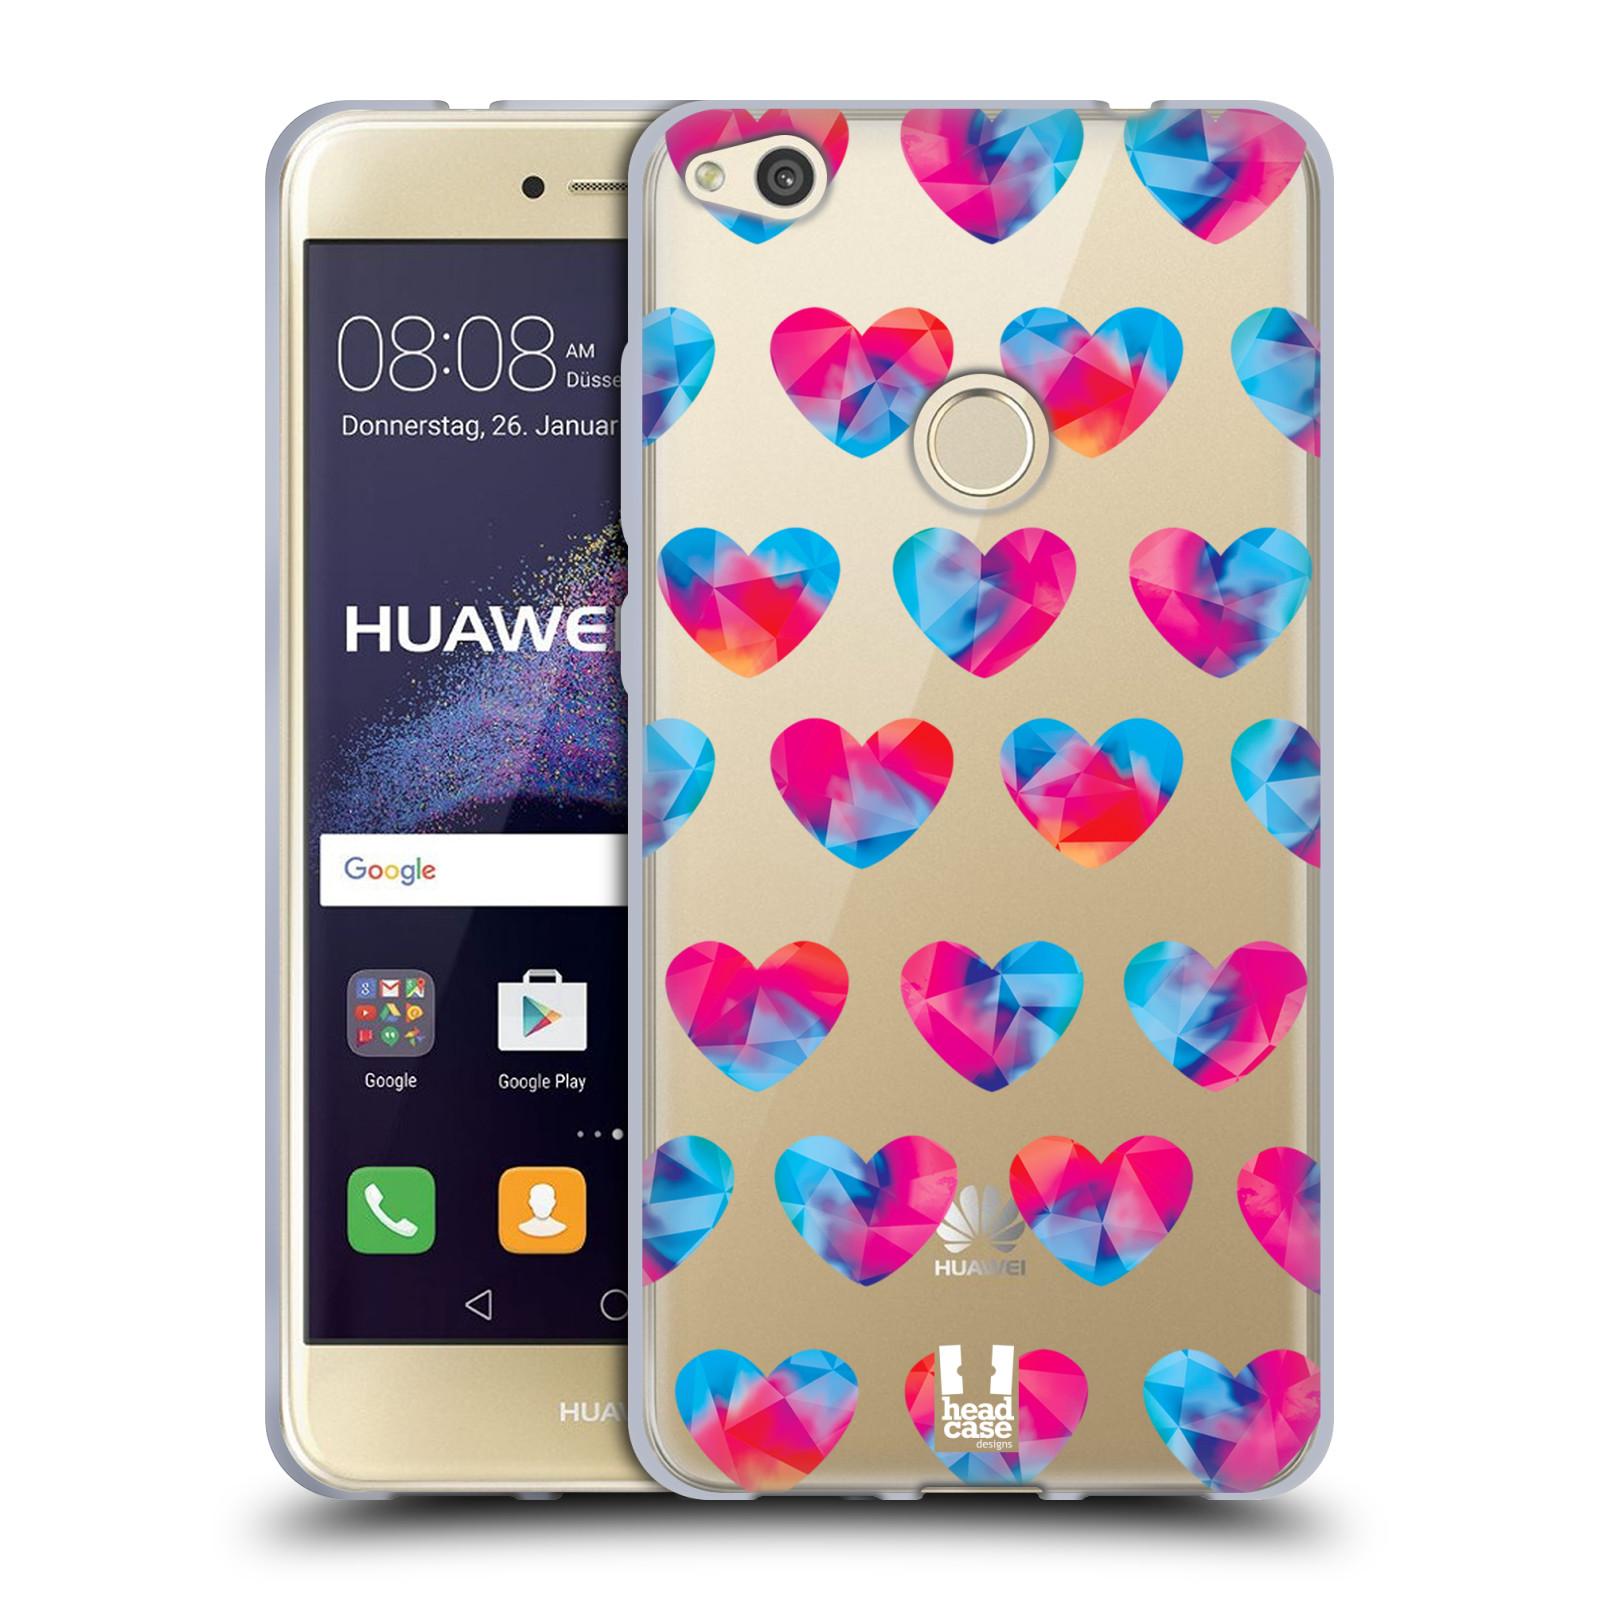 Silikonové pouzdro na mobil Huawei P9 Lite (2017) - Head Case - Srdíčka hrající barvami